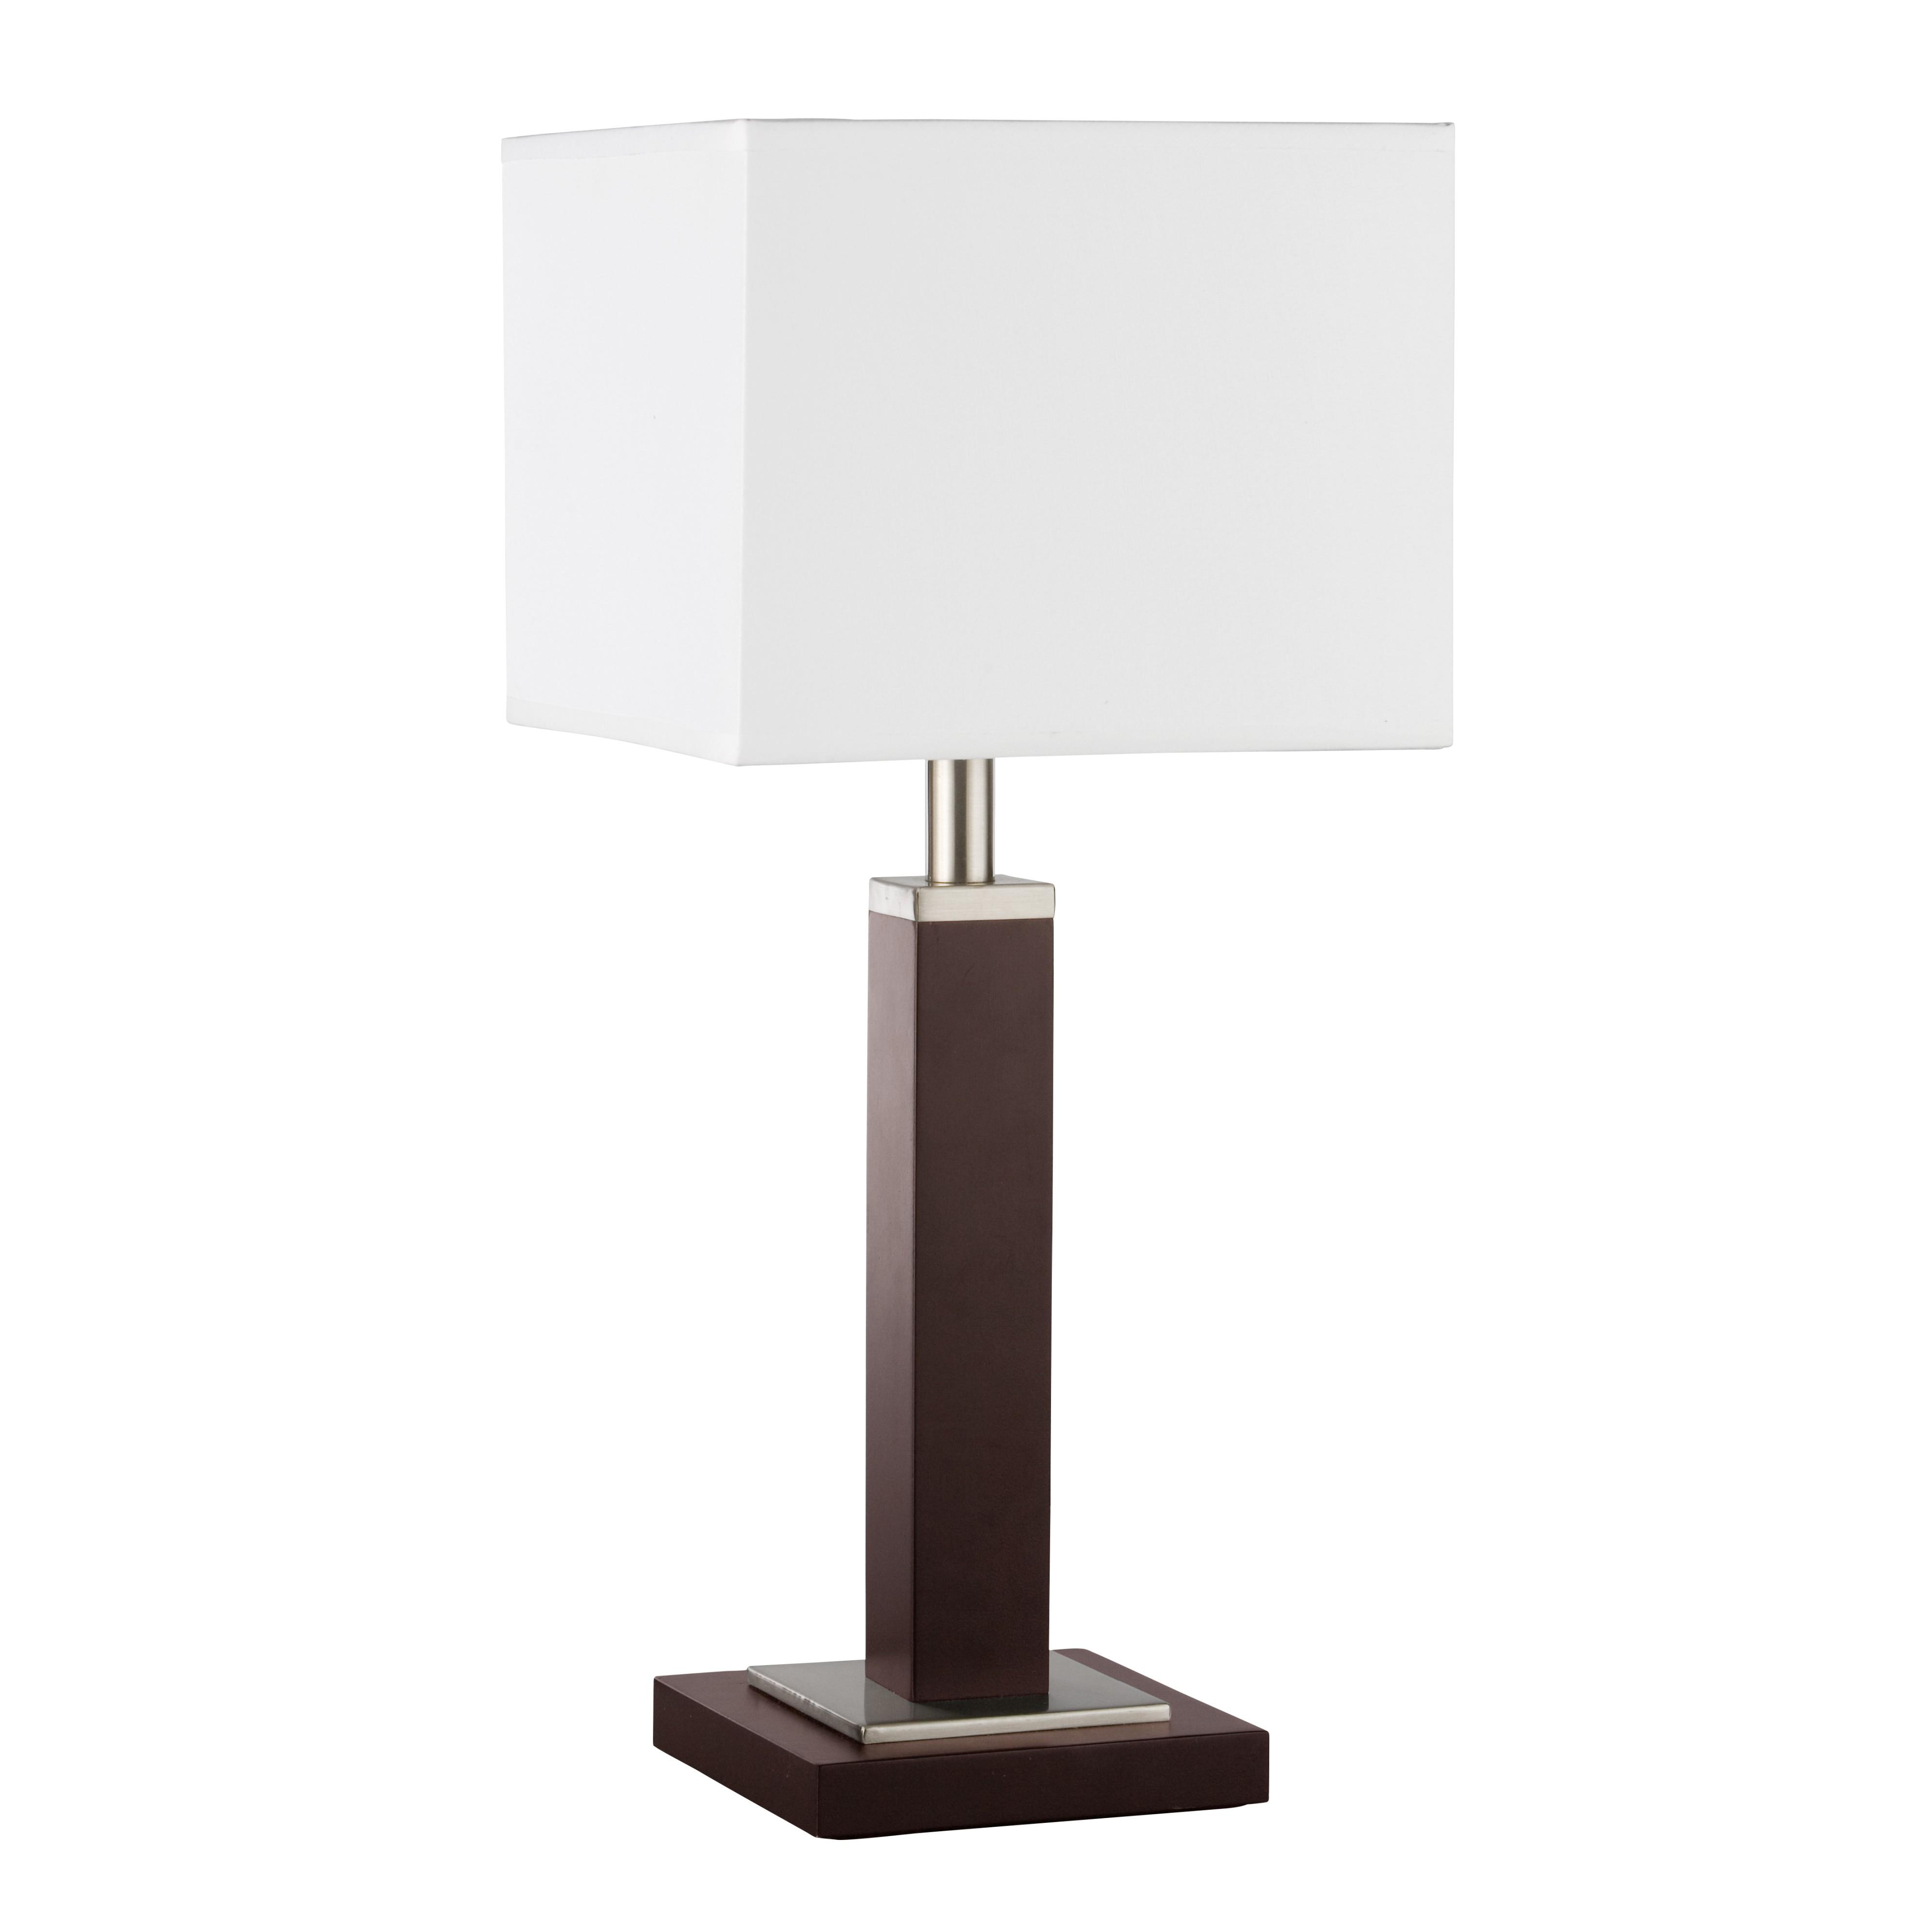 Tischleuchte Bauhaus Stil 45cm